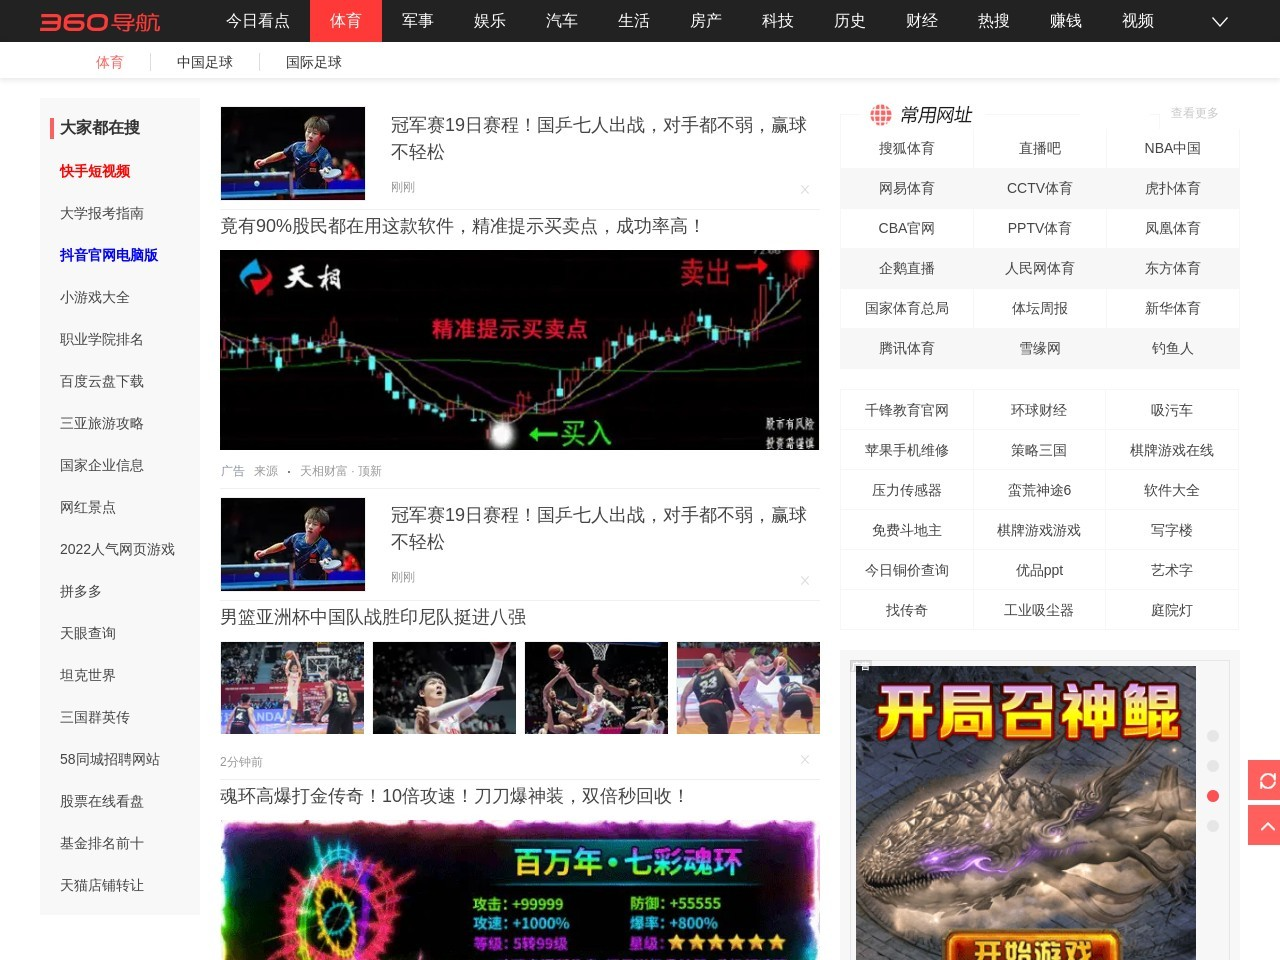 体育频道_360导航上网主页